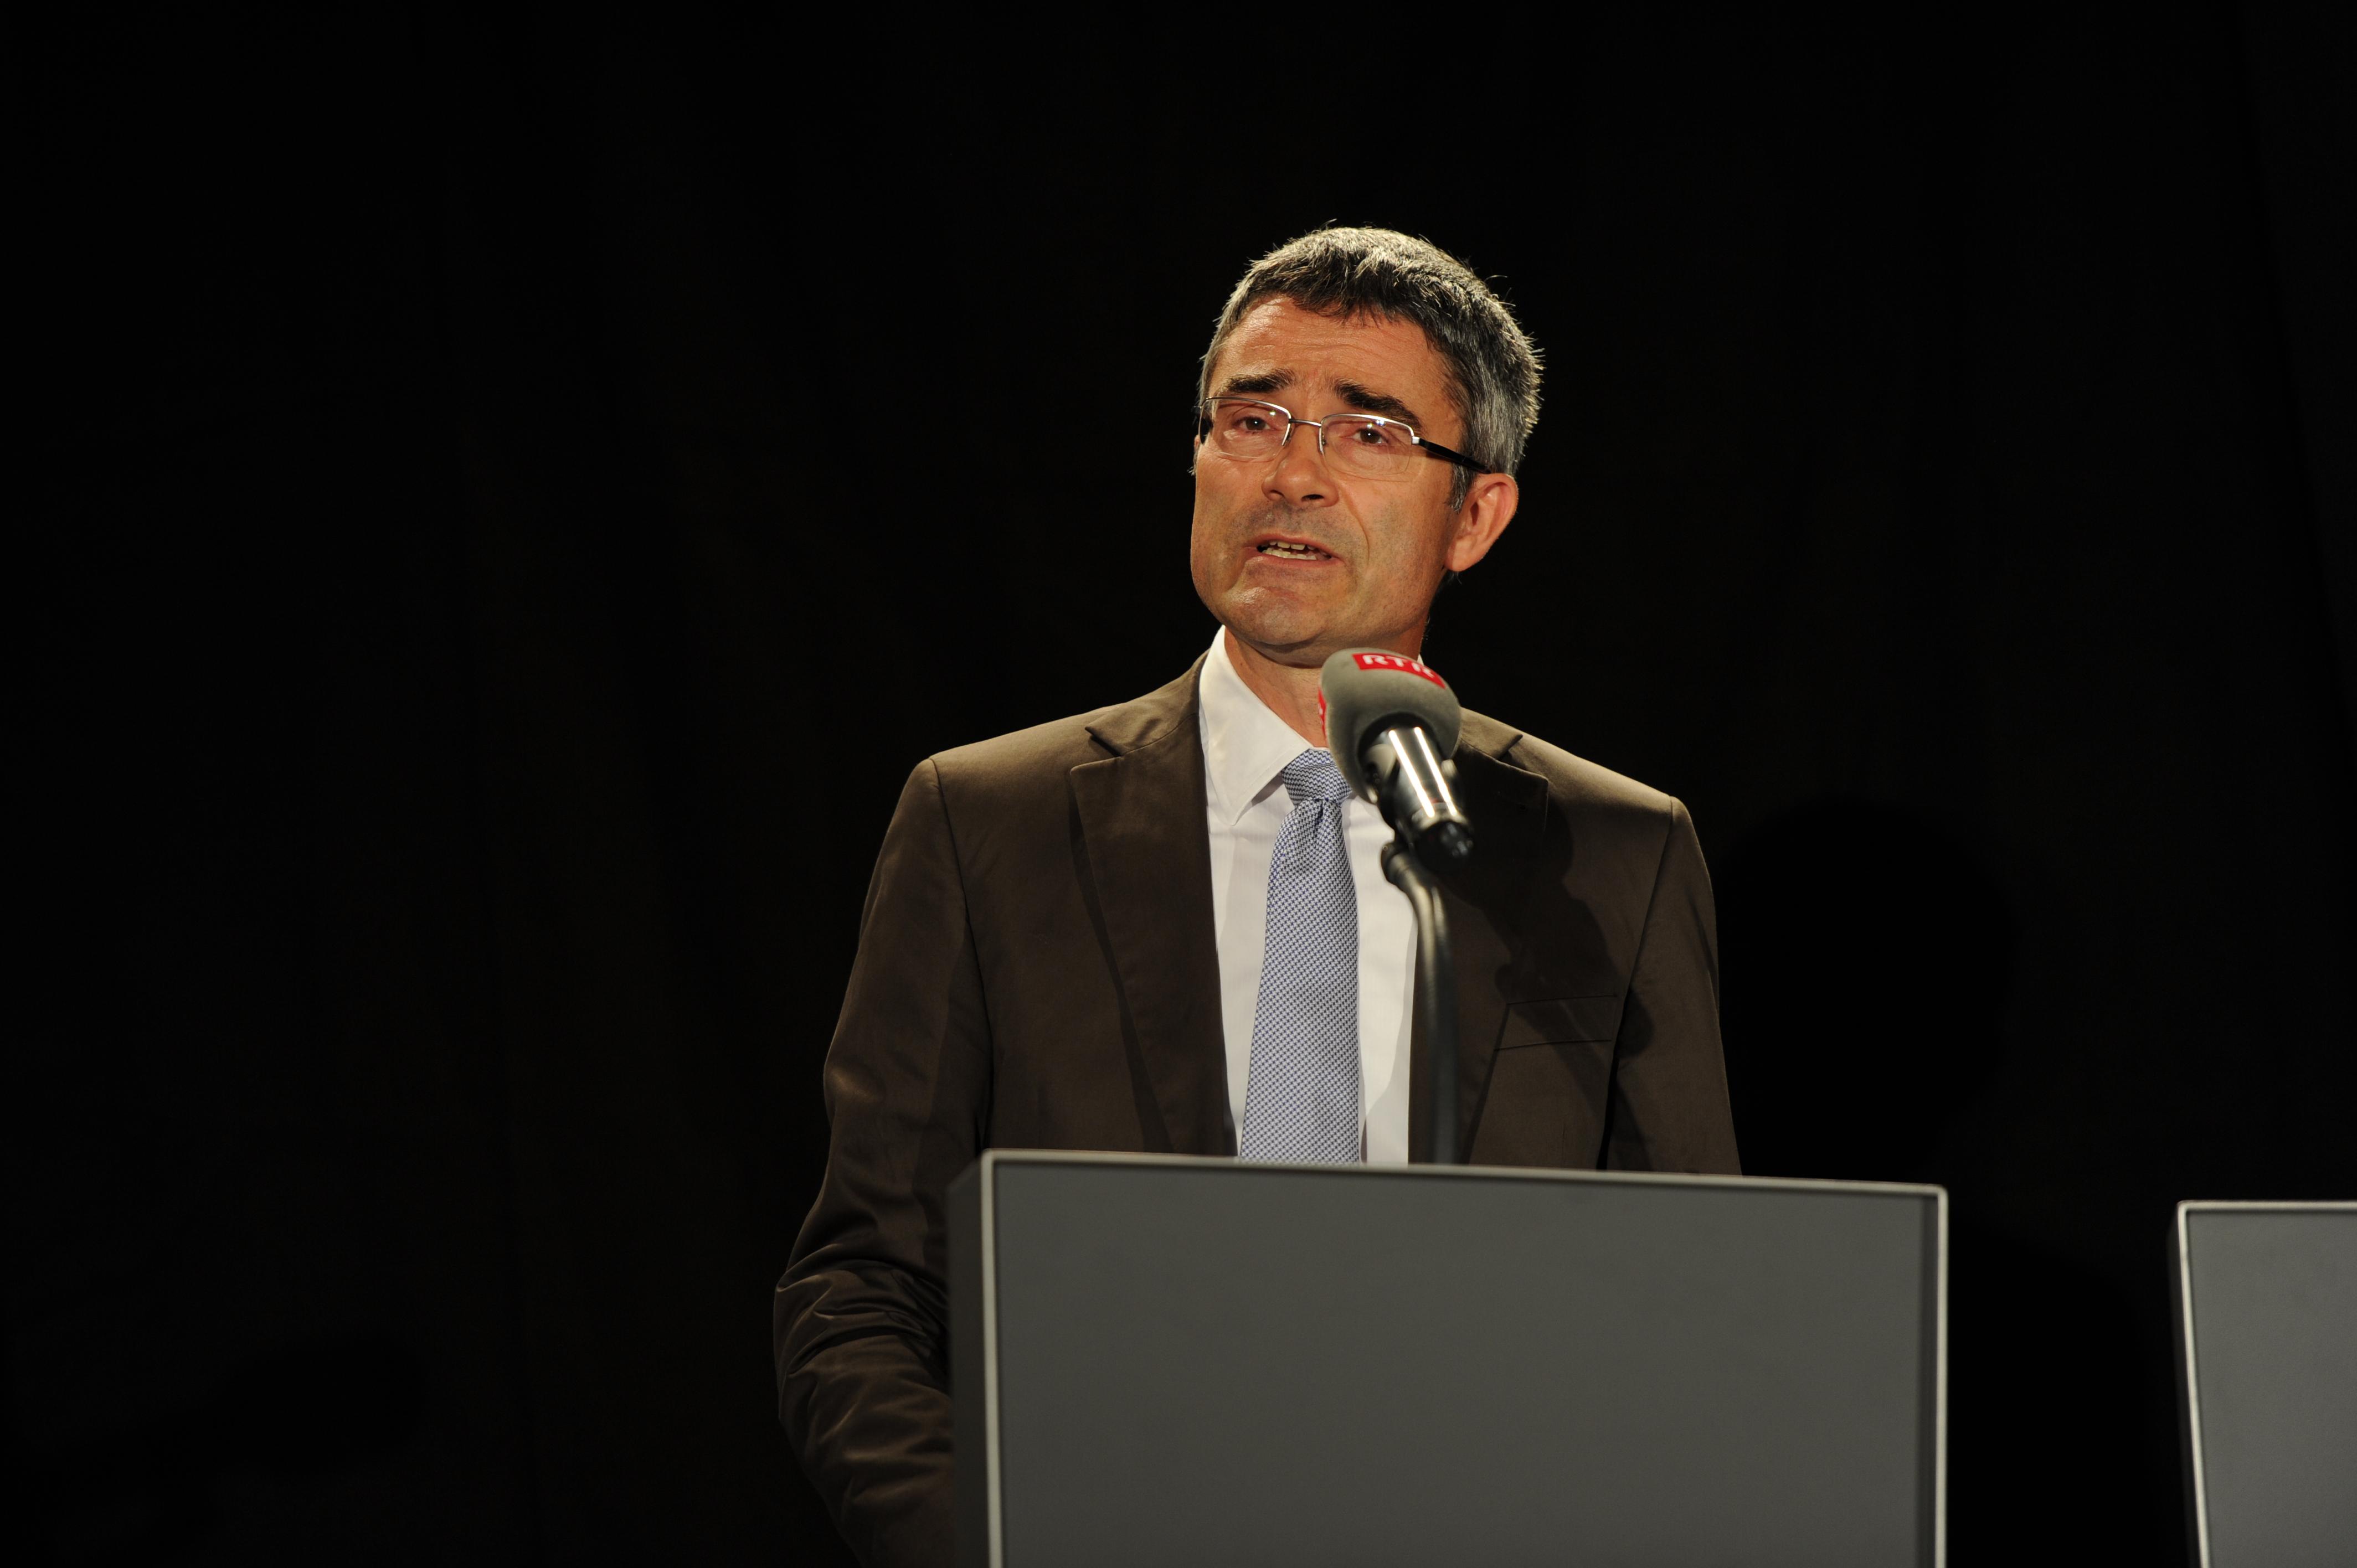 Il vicepresident da la Regenza grischuna Mario Cavigelli ha gratulà en num dal chantun Grischun. Tenor el ha la Televisiun Rumantscha contribuì fermamain a la diversitad ed identitad grischuna.